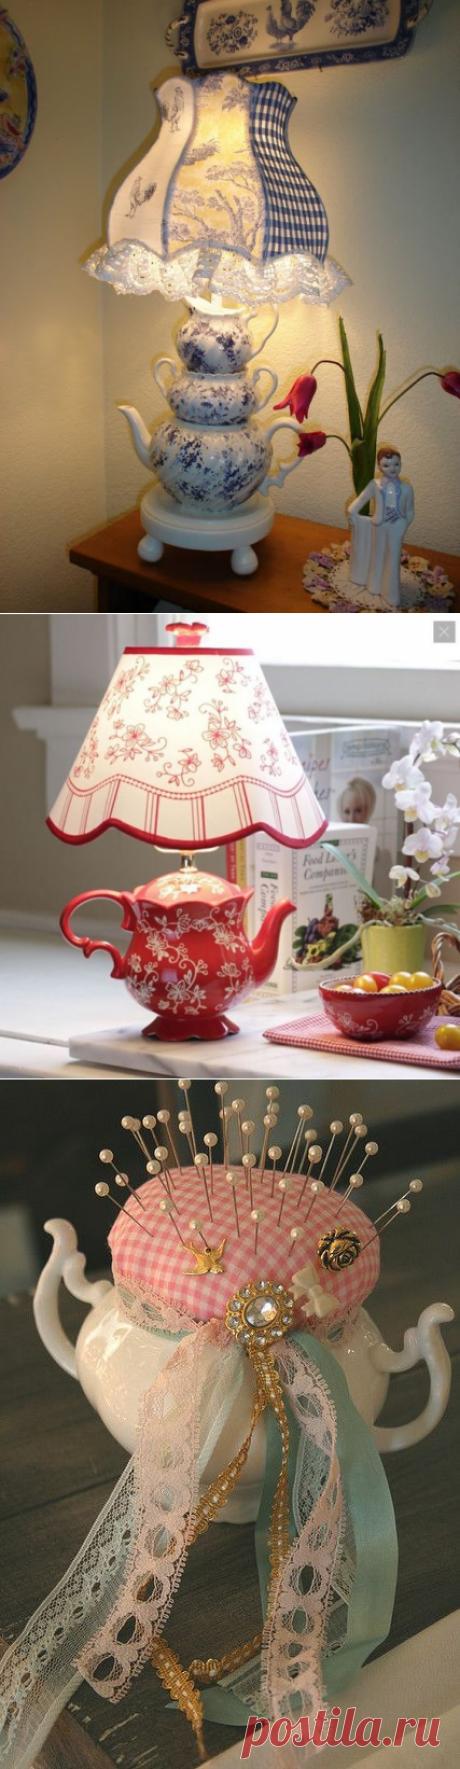 Изумительные идеи использования посуды в творчестве! Вдохновитесь на декор! | Юлия Жданова | Яндекс Дзен